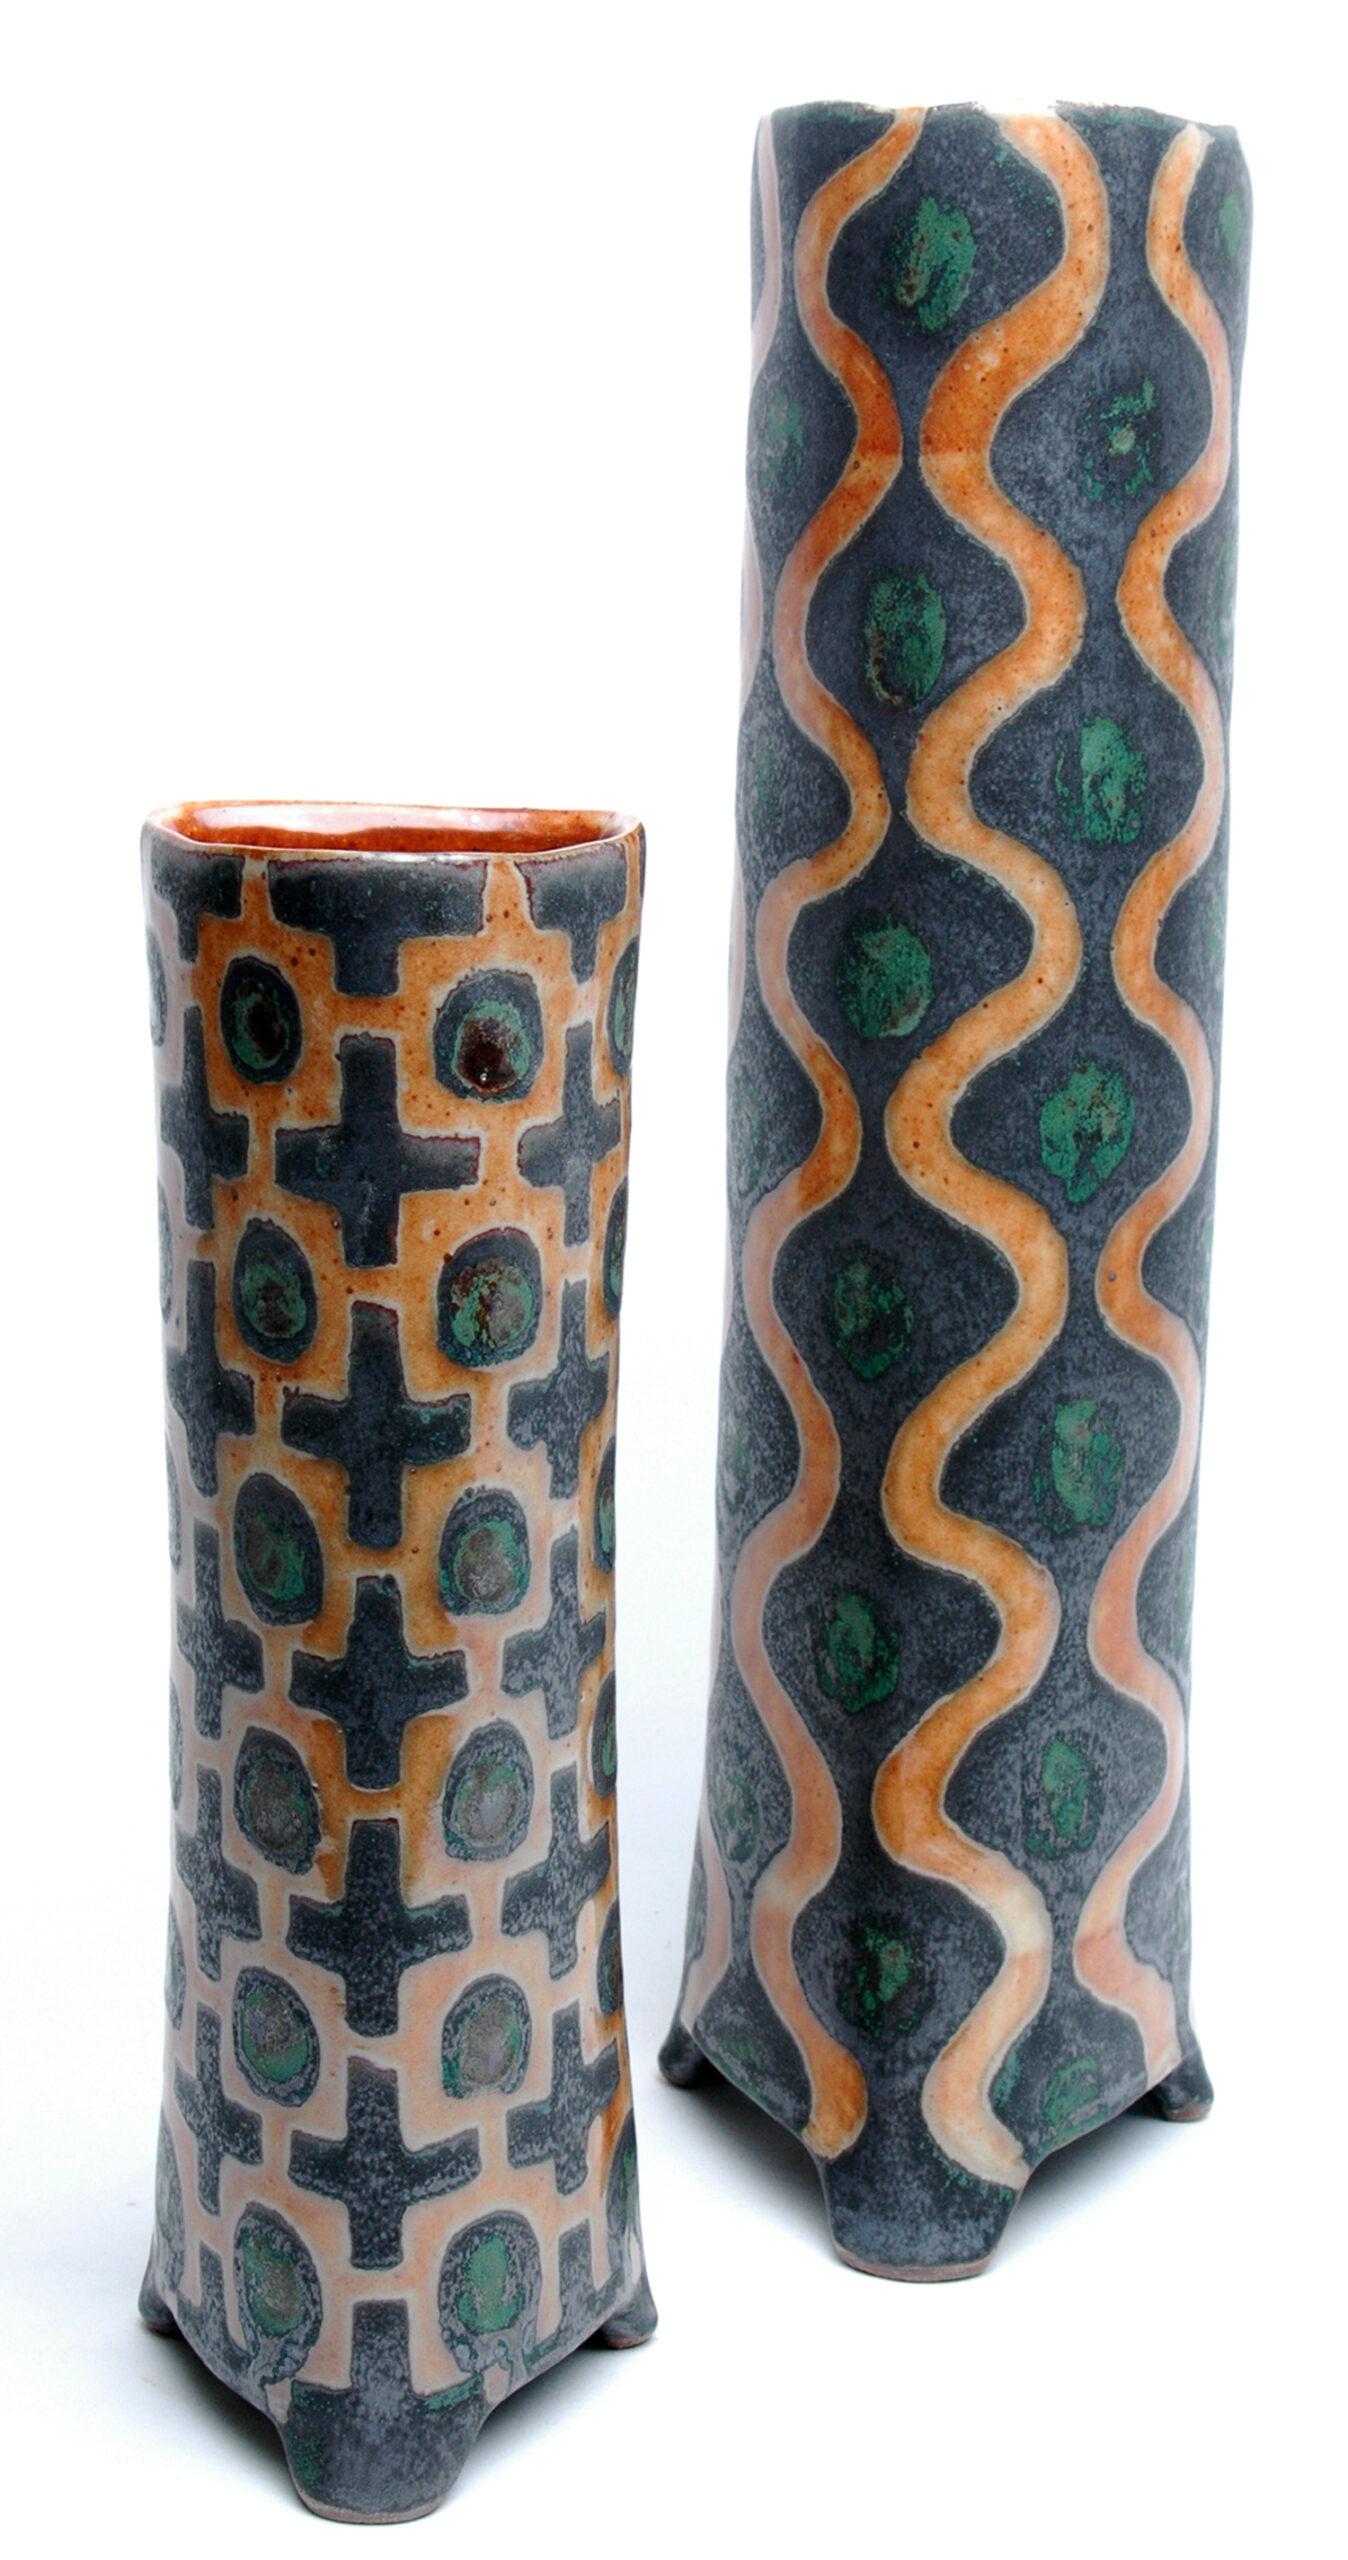 Peter Karner Pottery